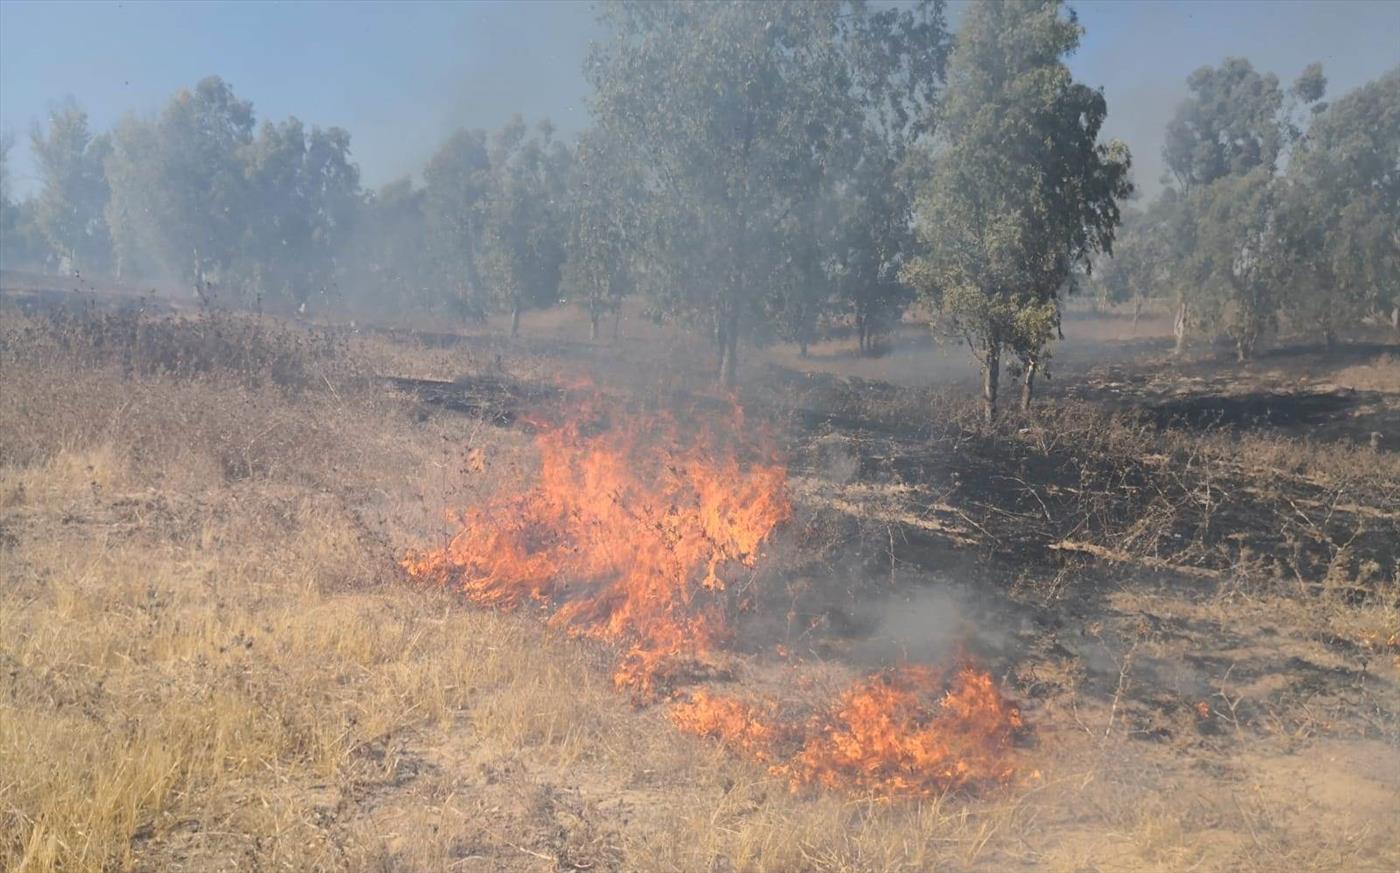 שריפה מבלוני תבערה סמוך לבאר מרווה (tps)